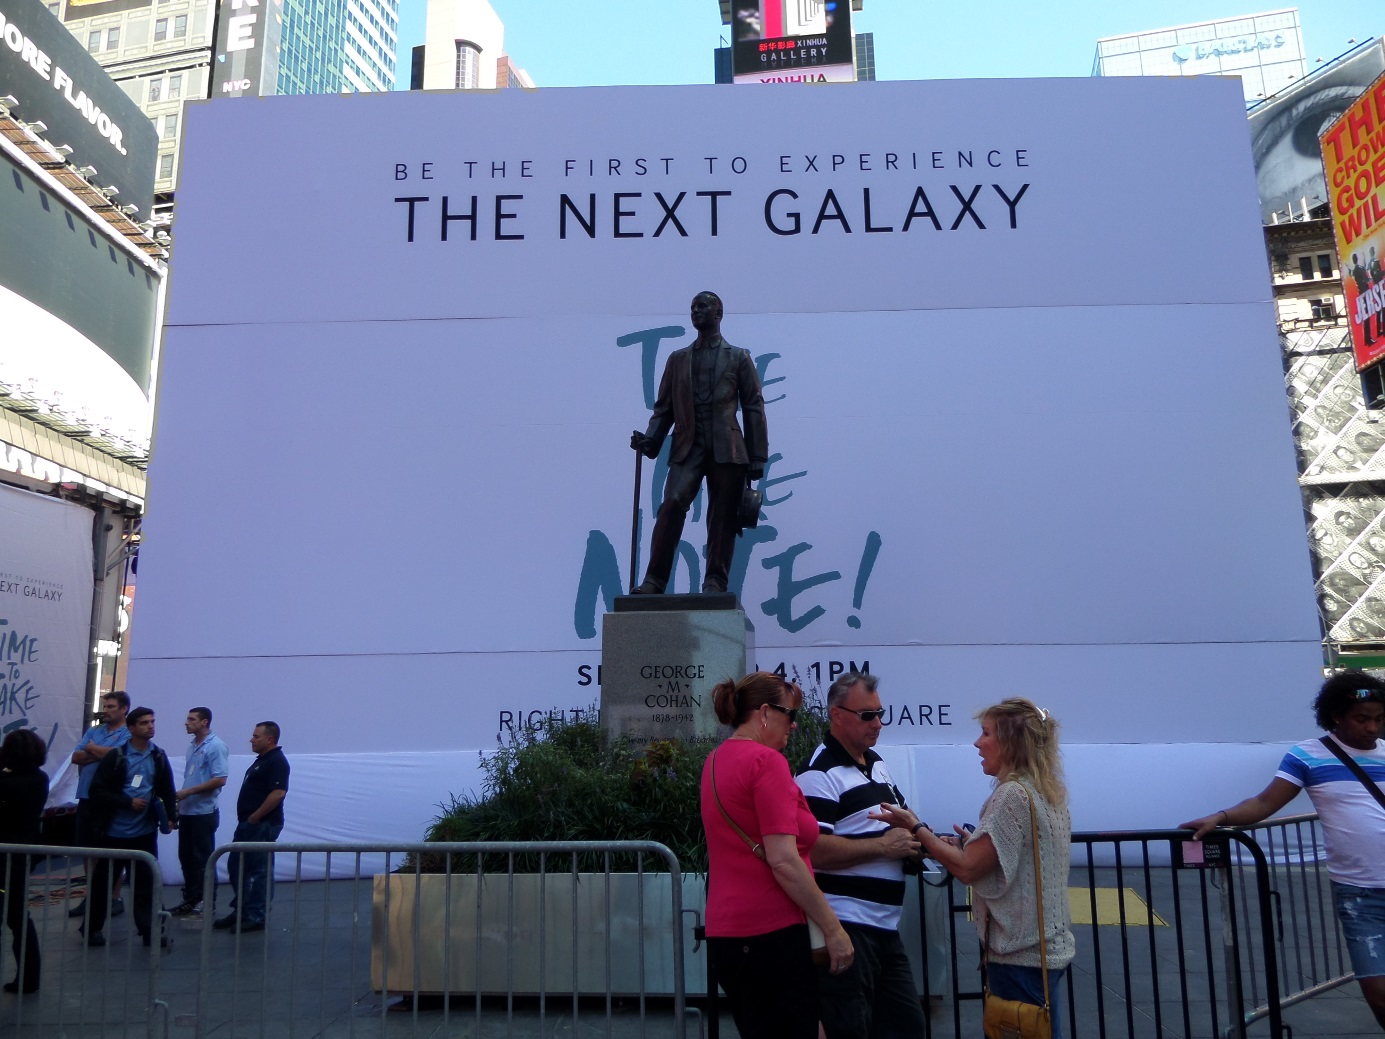 삼성 언팩 뉴욕 생중계 현장 모습입니다.